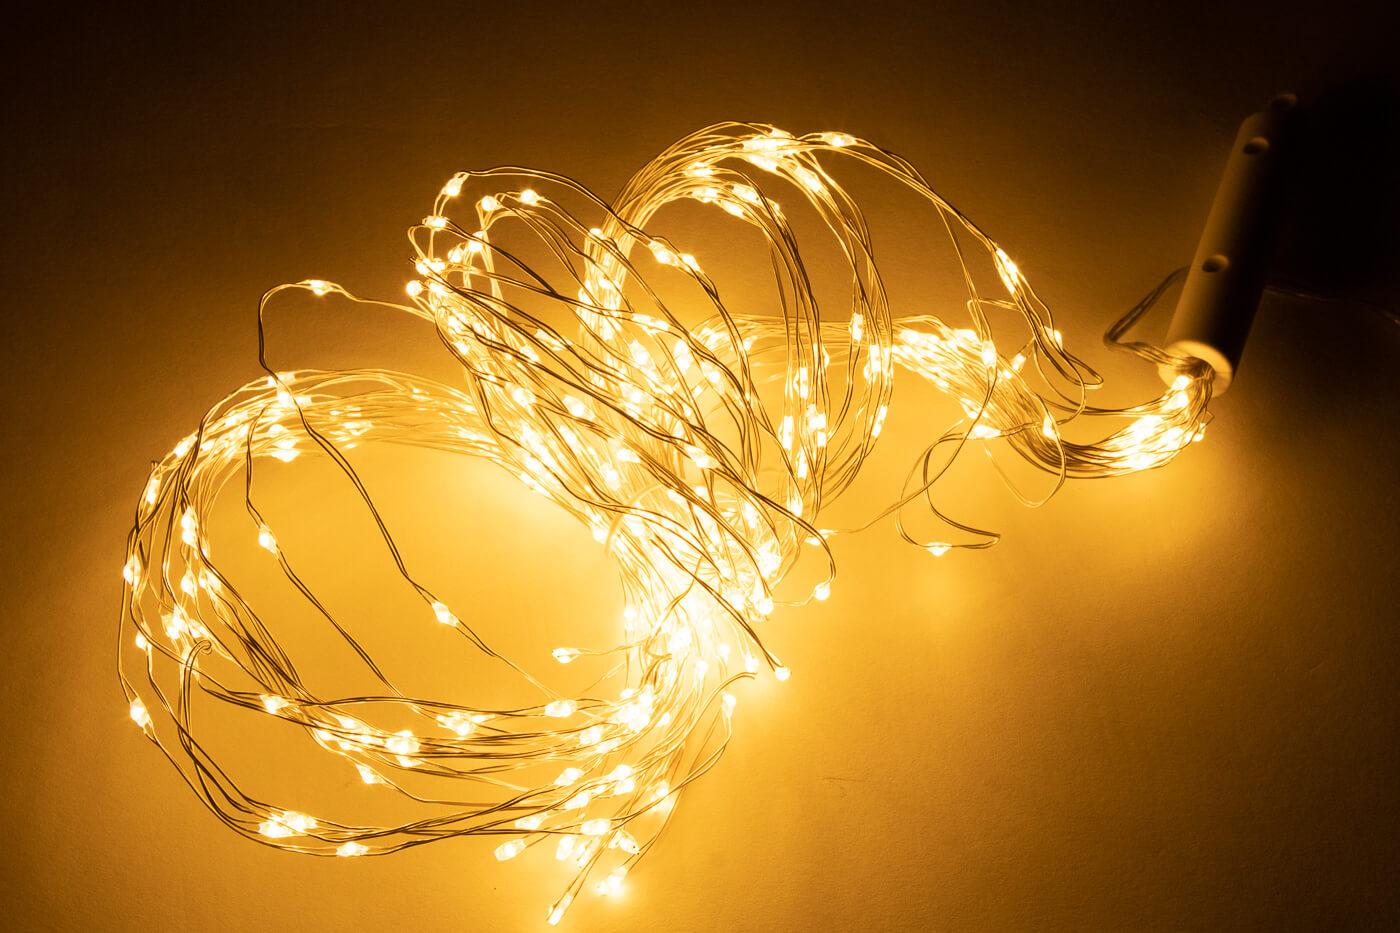 Lichtbündel Kette LED 300 flg. warmweiss Lotti 35300